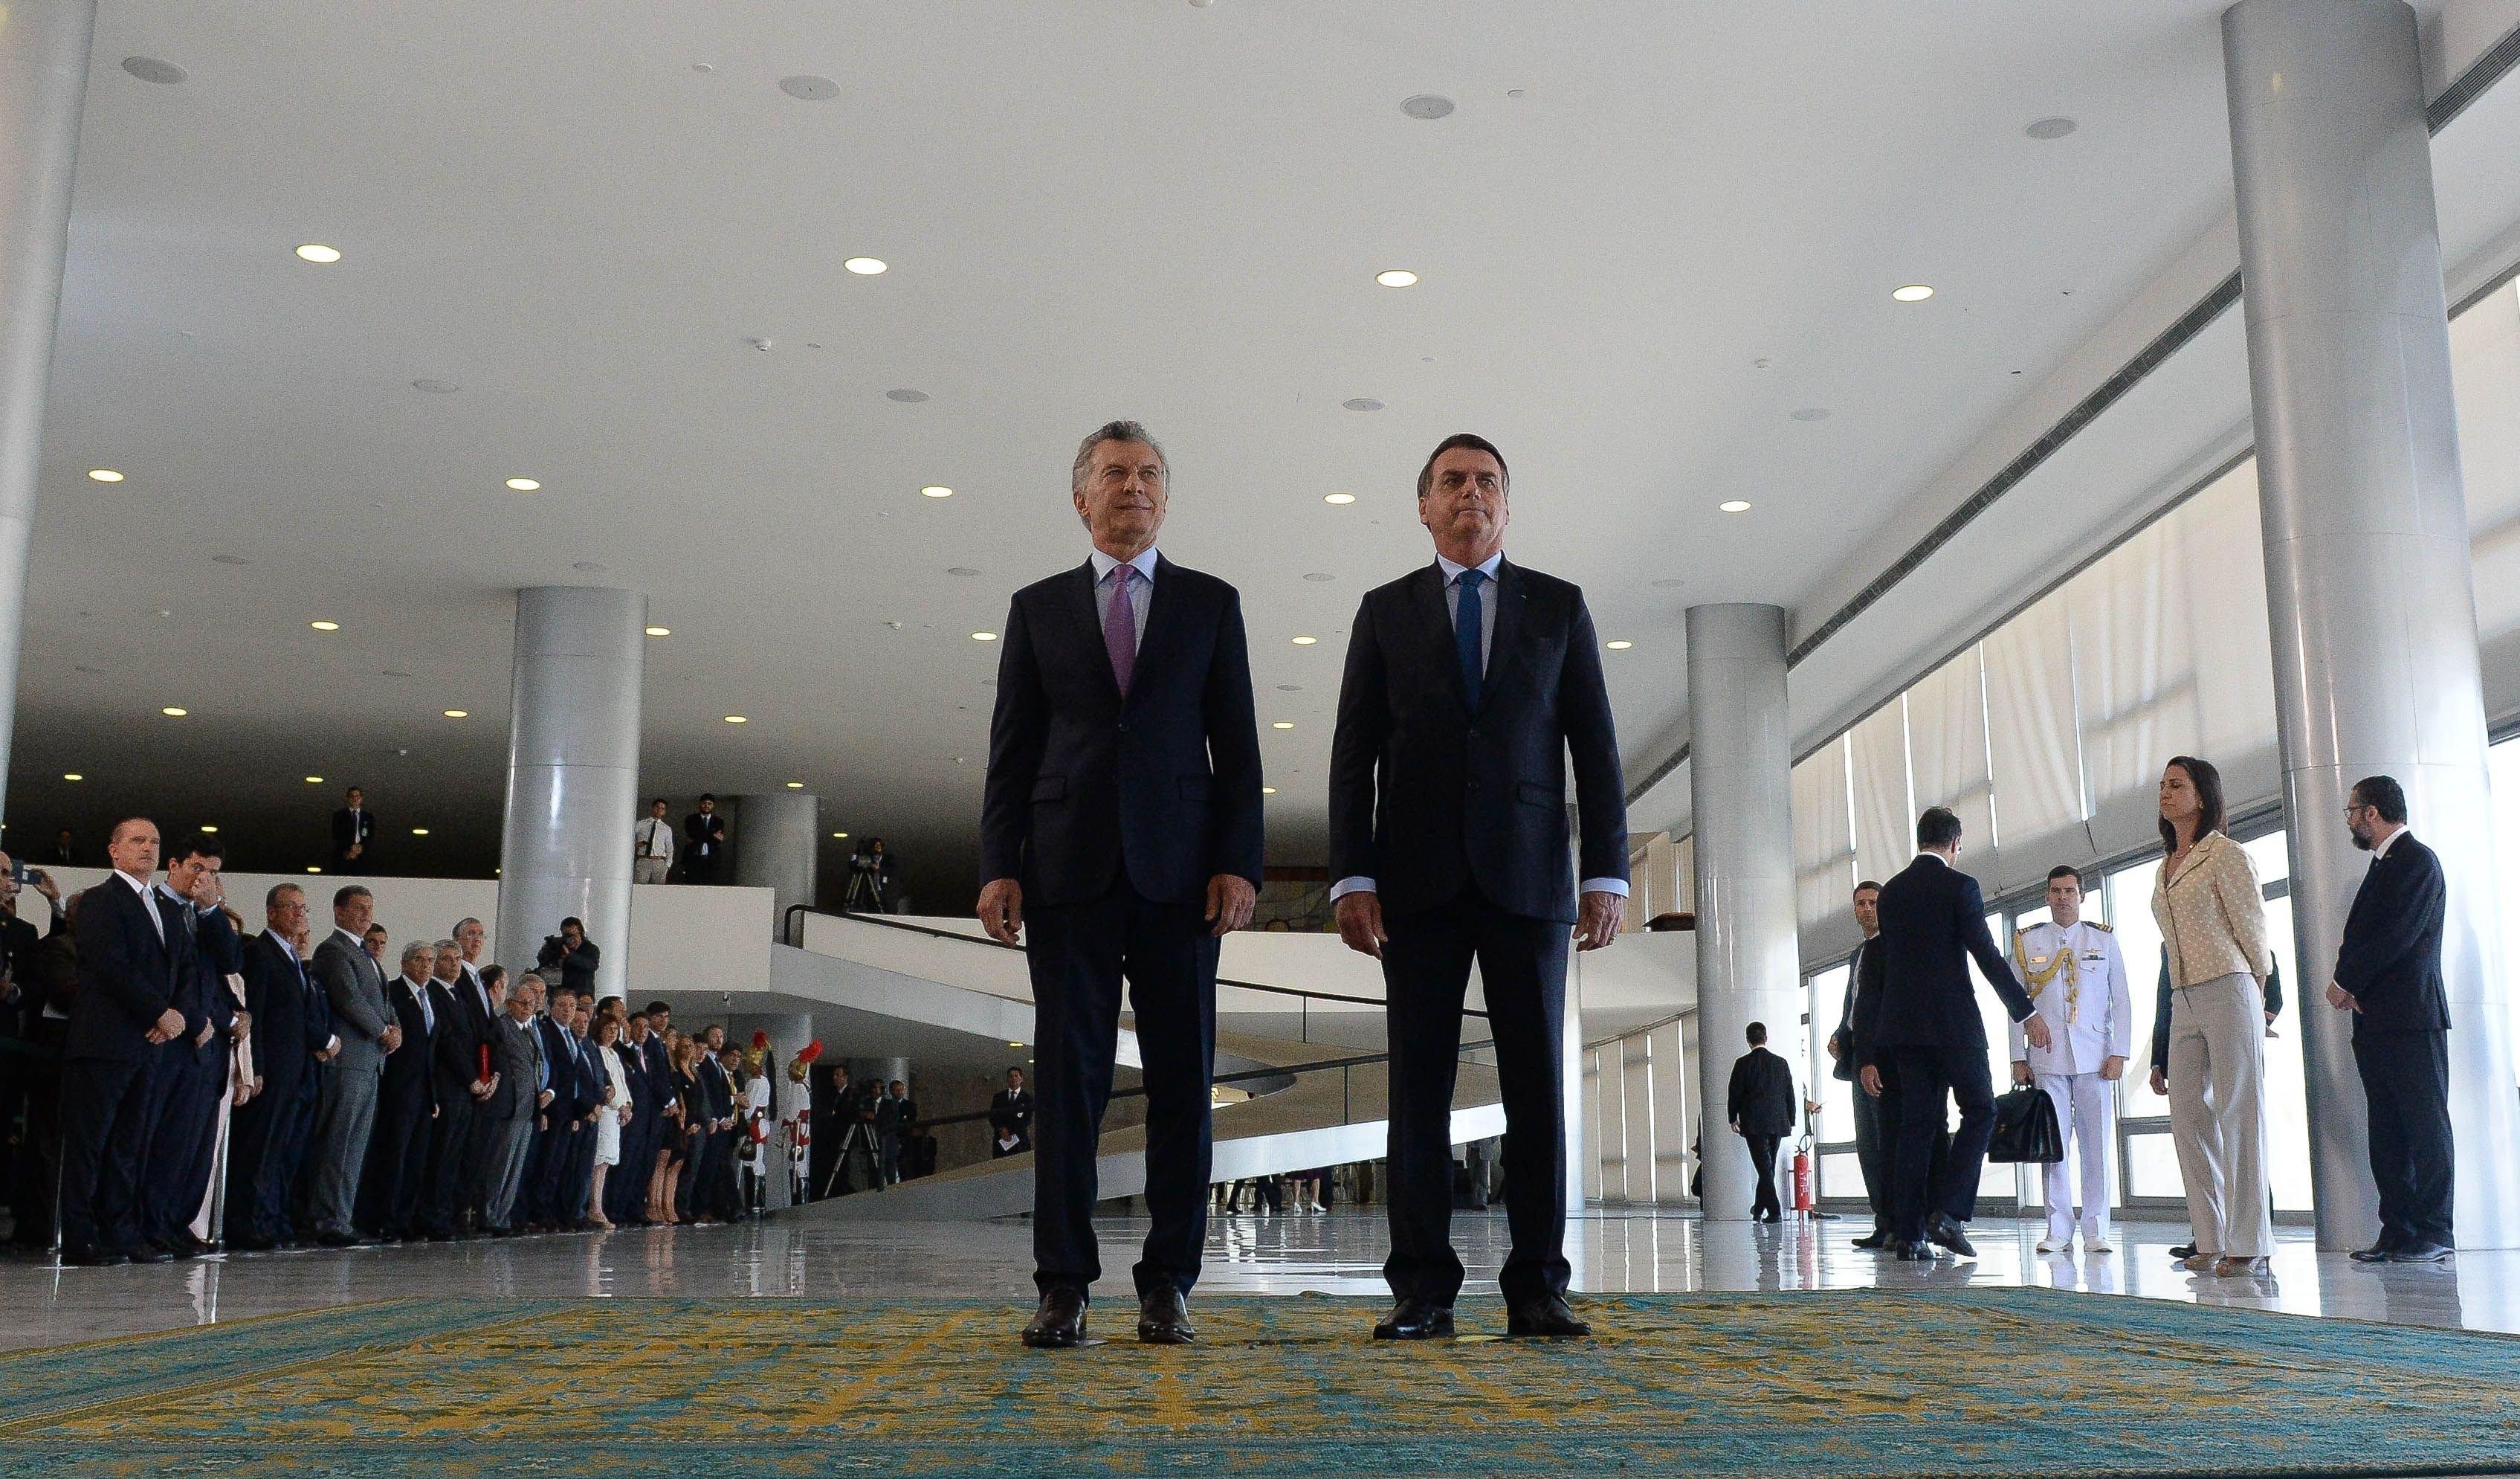 Comercio, Mercosur y Venezuela: las tres claves del primer encuentro entre Macri y Jair Bolsonaro